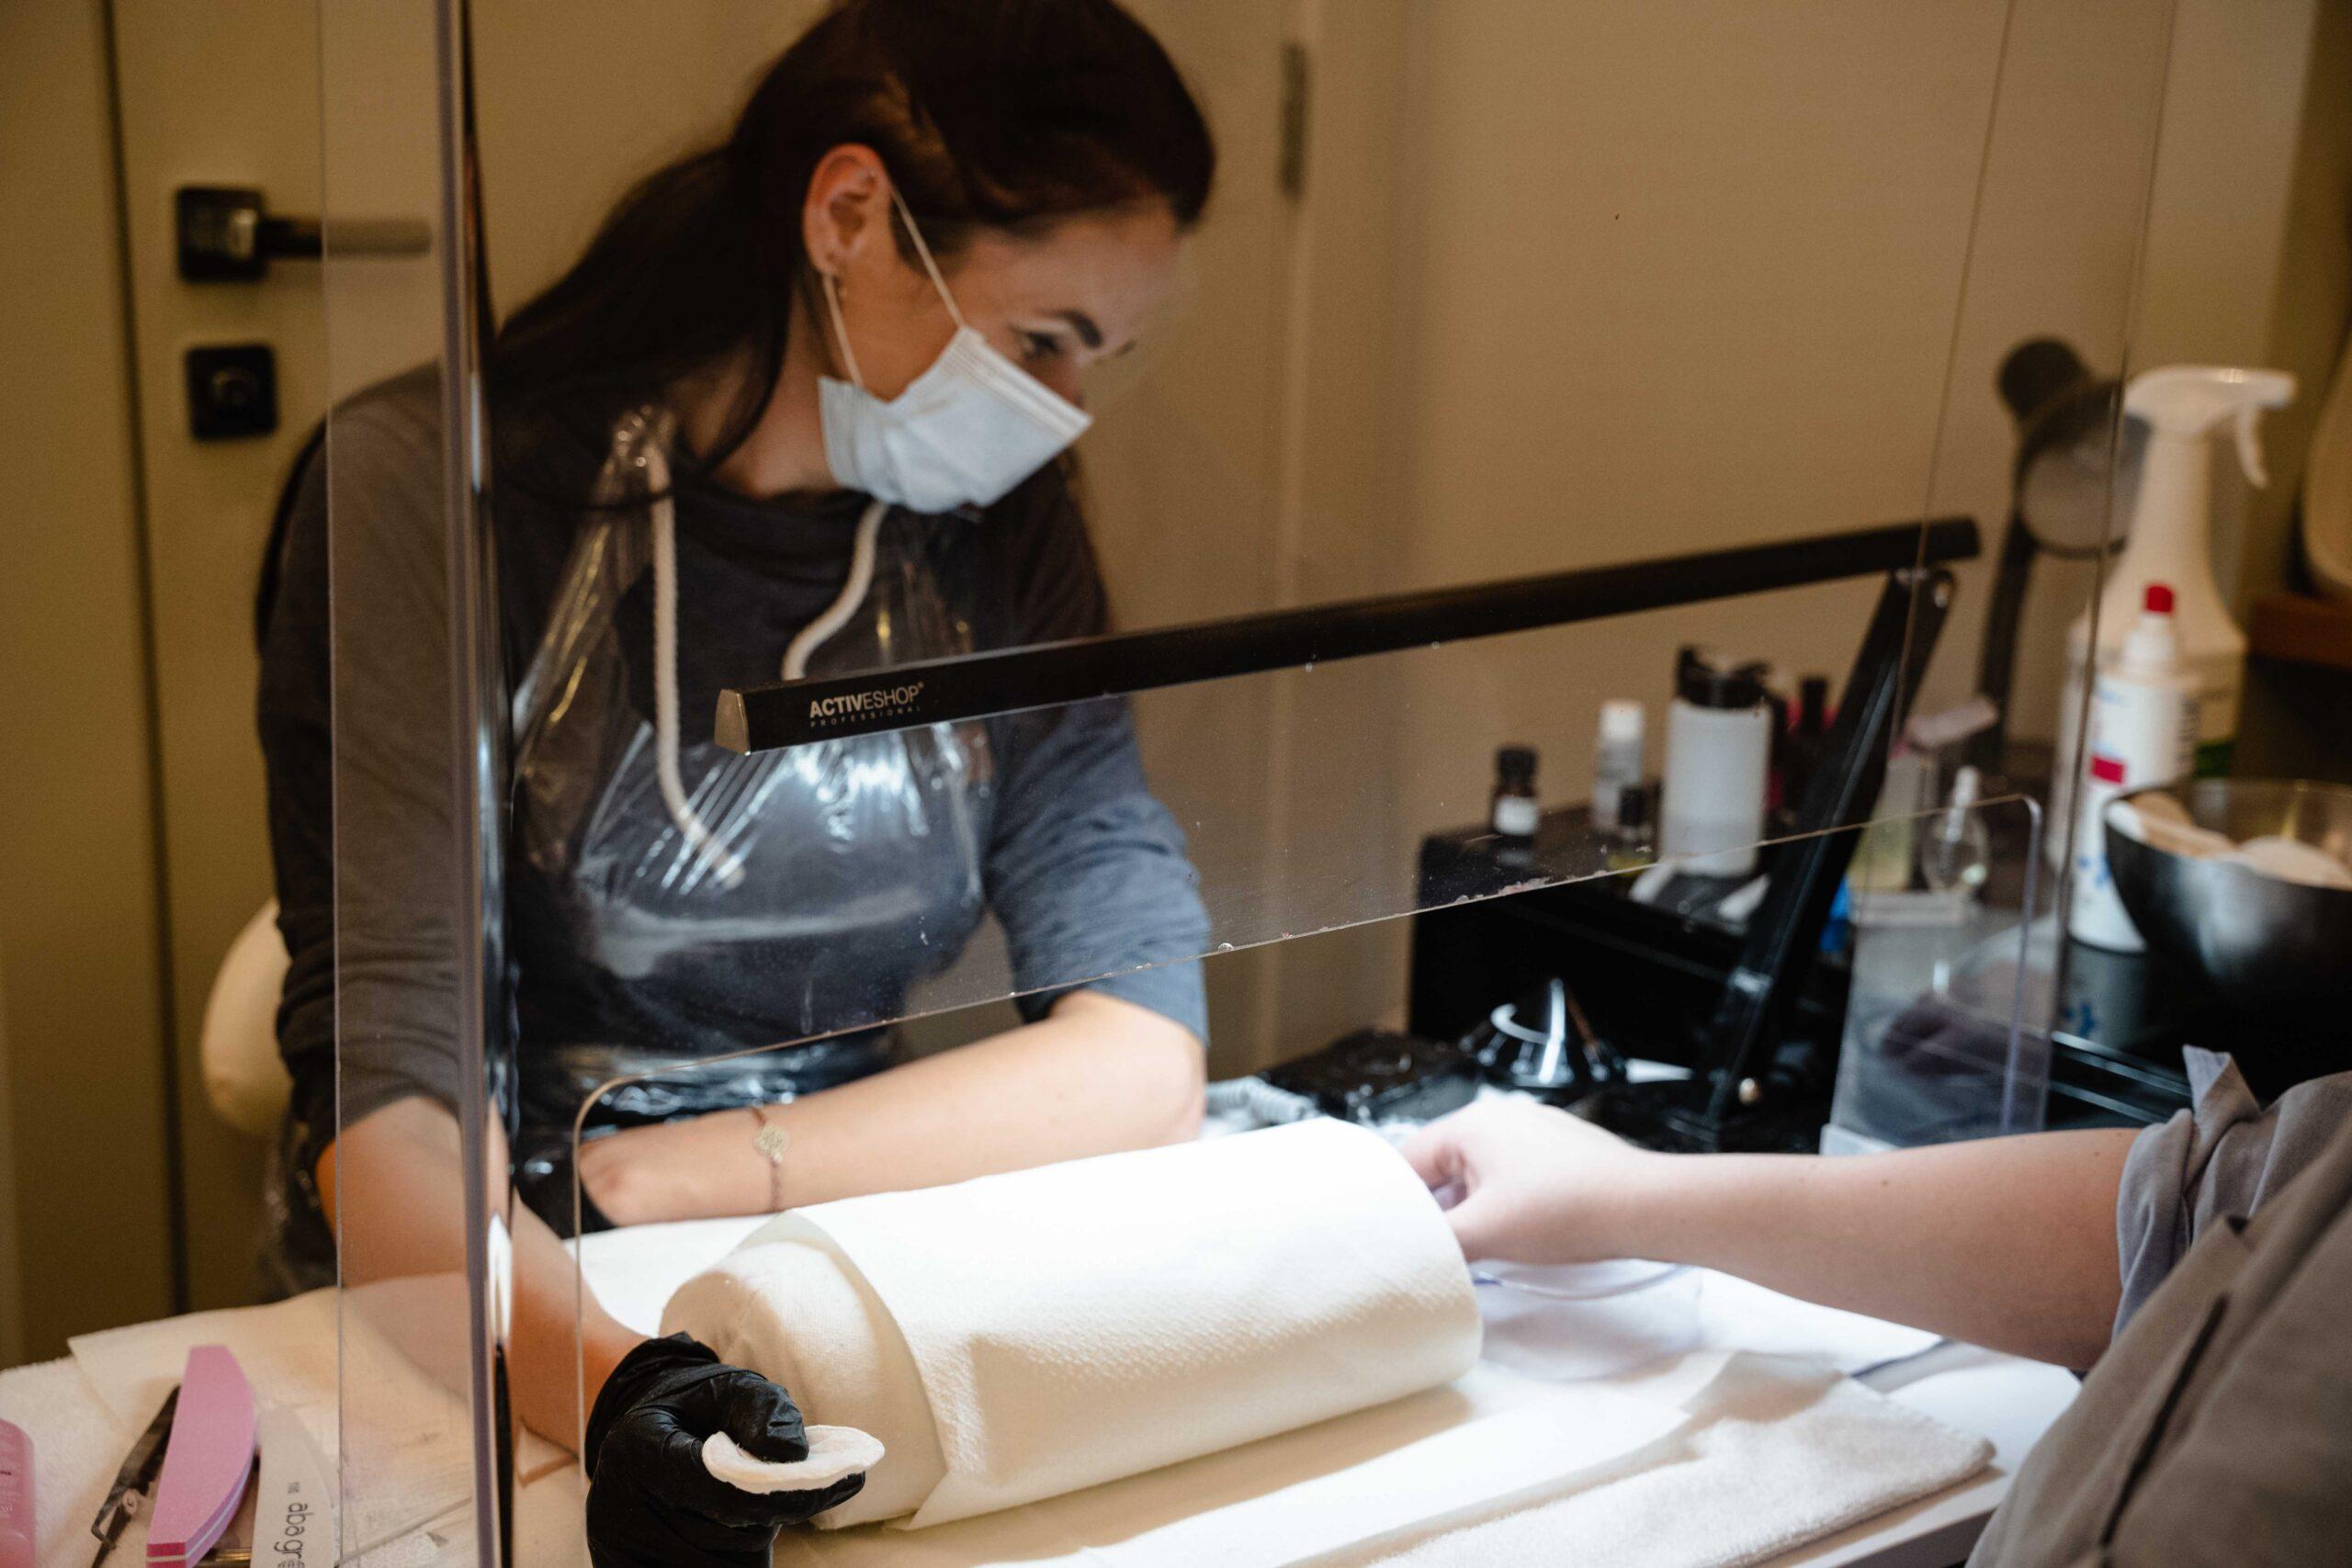 Bezpieczeństwo zabiegów manicure w salonie kosmetycznym Tallulah